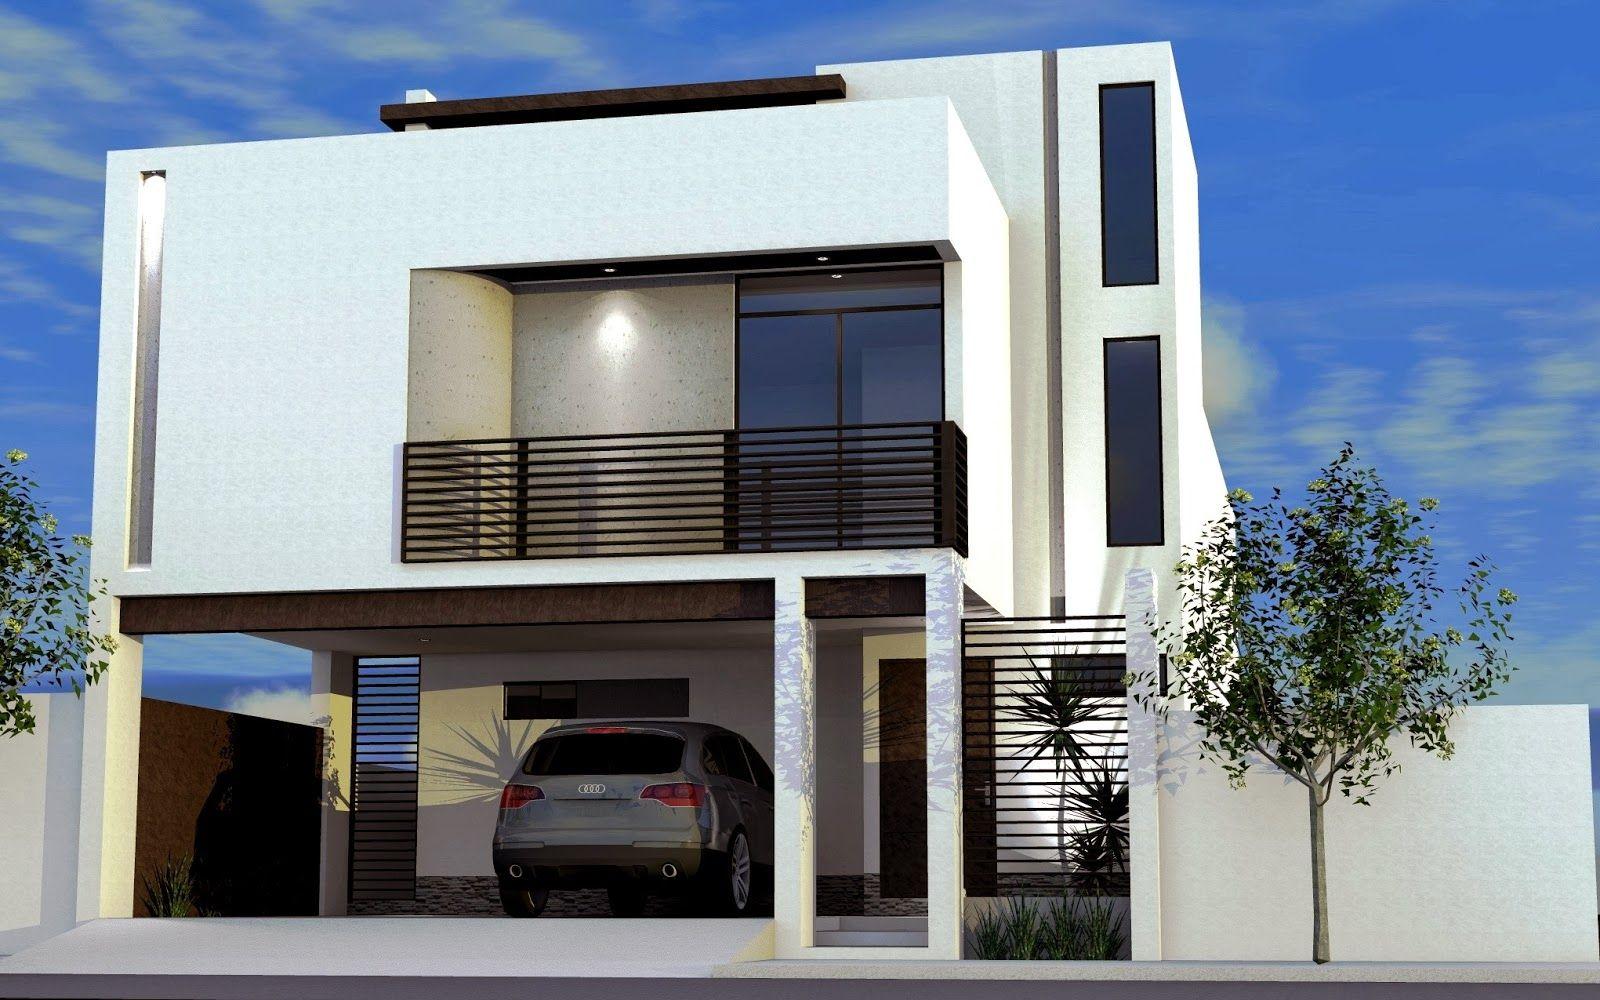 Fachadas de casas modernas 12 metros de frente fachadas for Fachadas de viviendas modernas